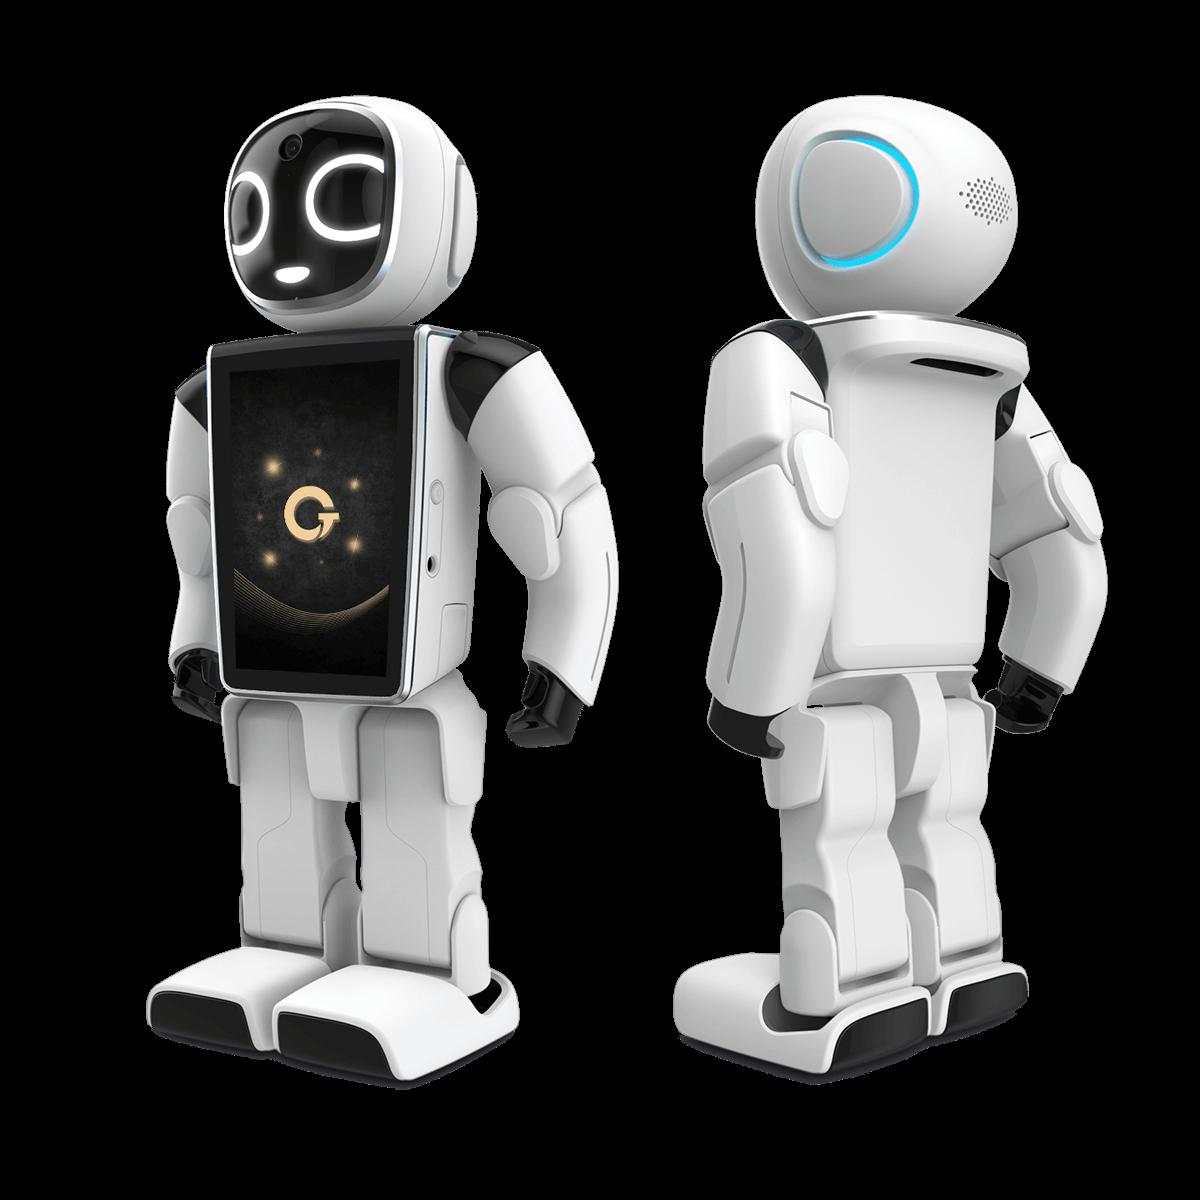 抢先看!2020工业物流自主移动机器人重磅趋势